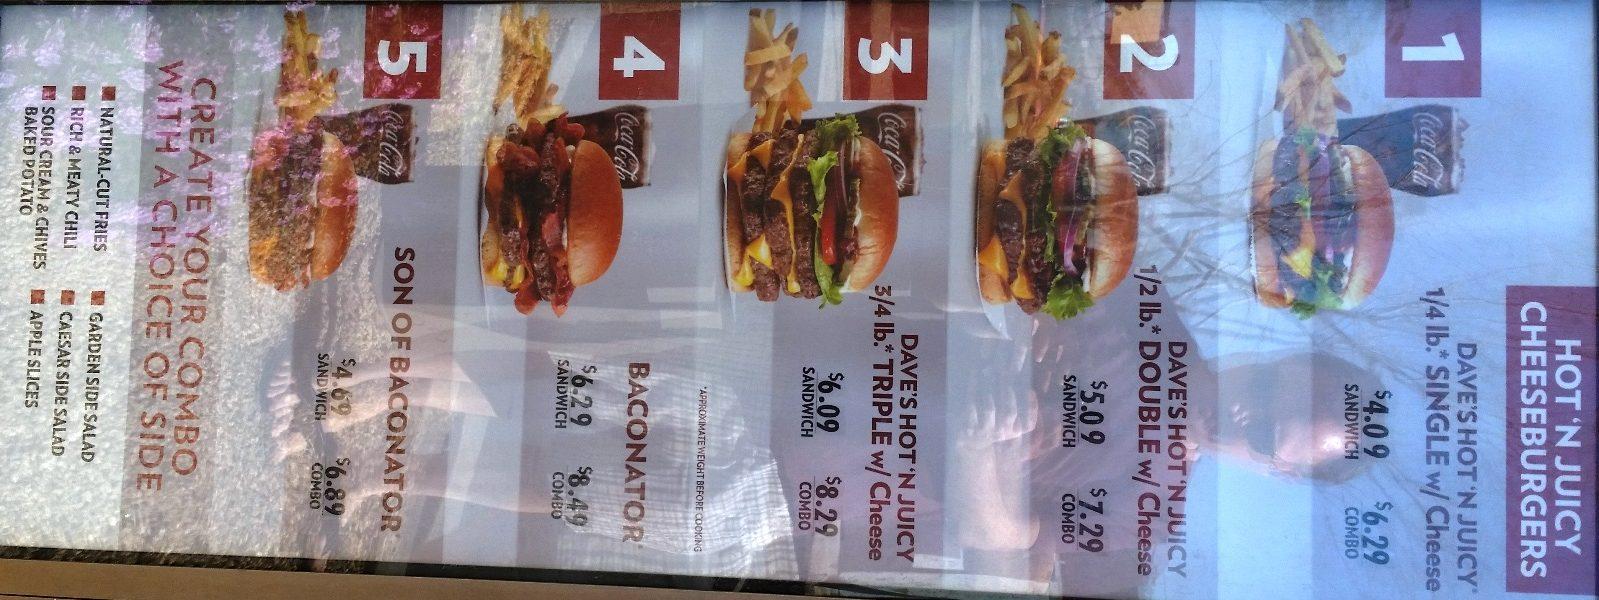 wendys menu